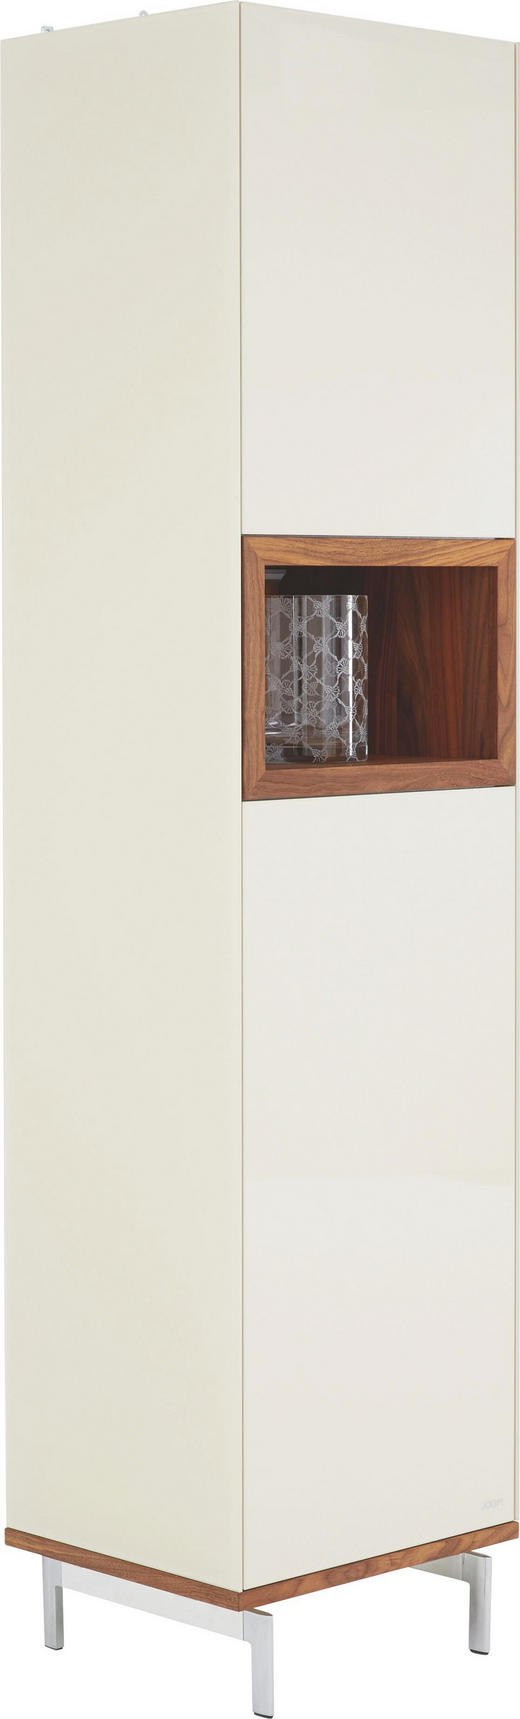 VITRINE Walnuss massiv Beige, Nussbaumfarben - Beige/Nussbaumfarben, Design, Glas/Holz (52/216/46cm) - Joop!